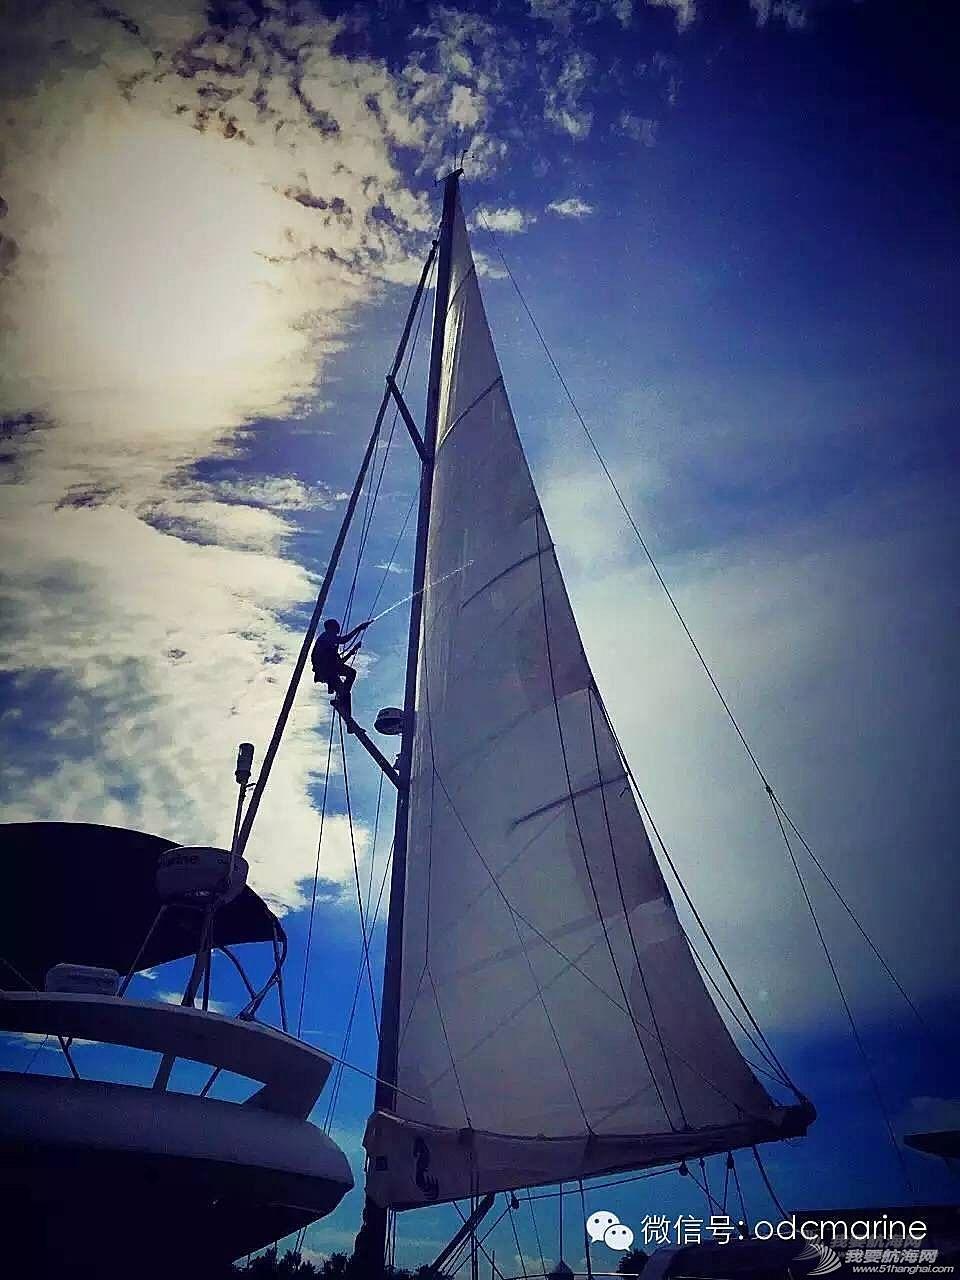 故事 是无知者无畏吗?——一个现实中少年派的航海故事